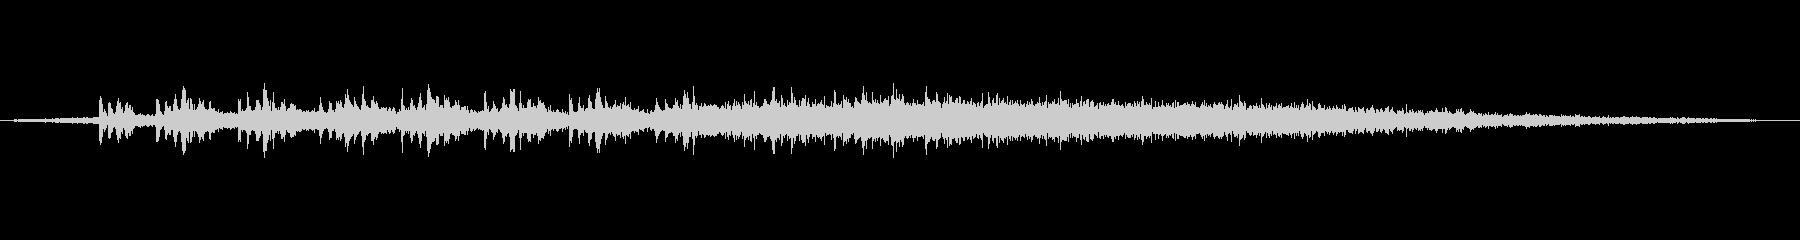 【環境音】電車の通過02の未再生の波形